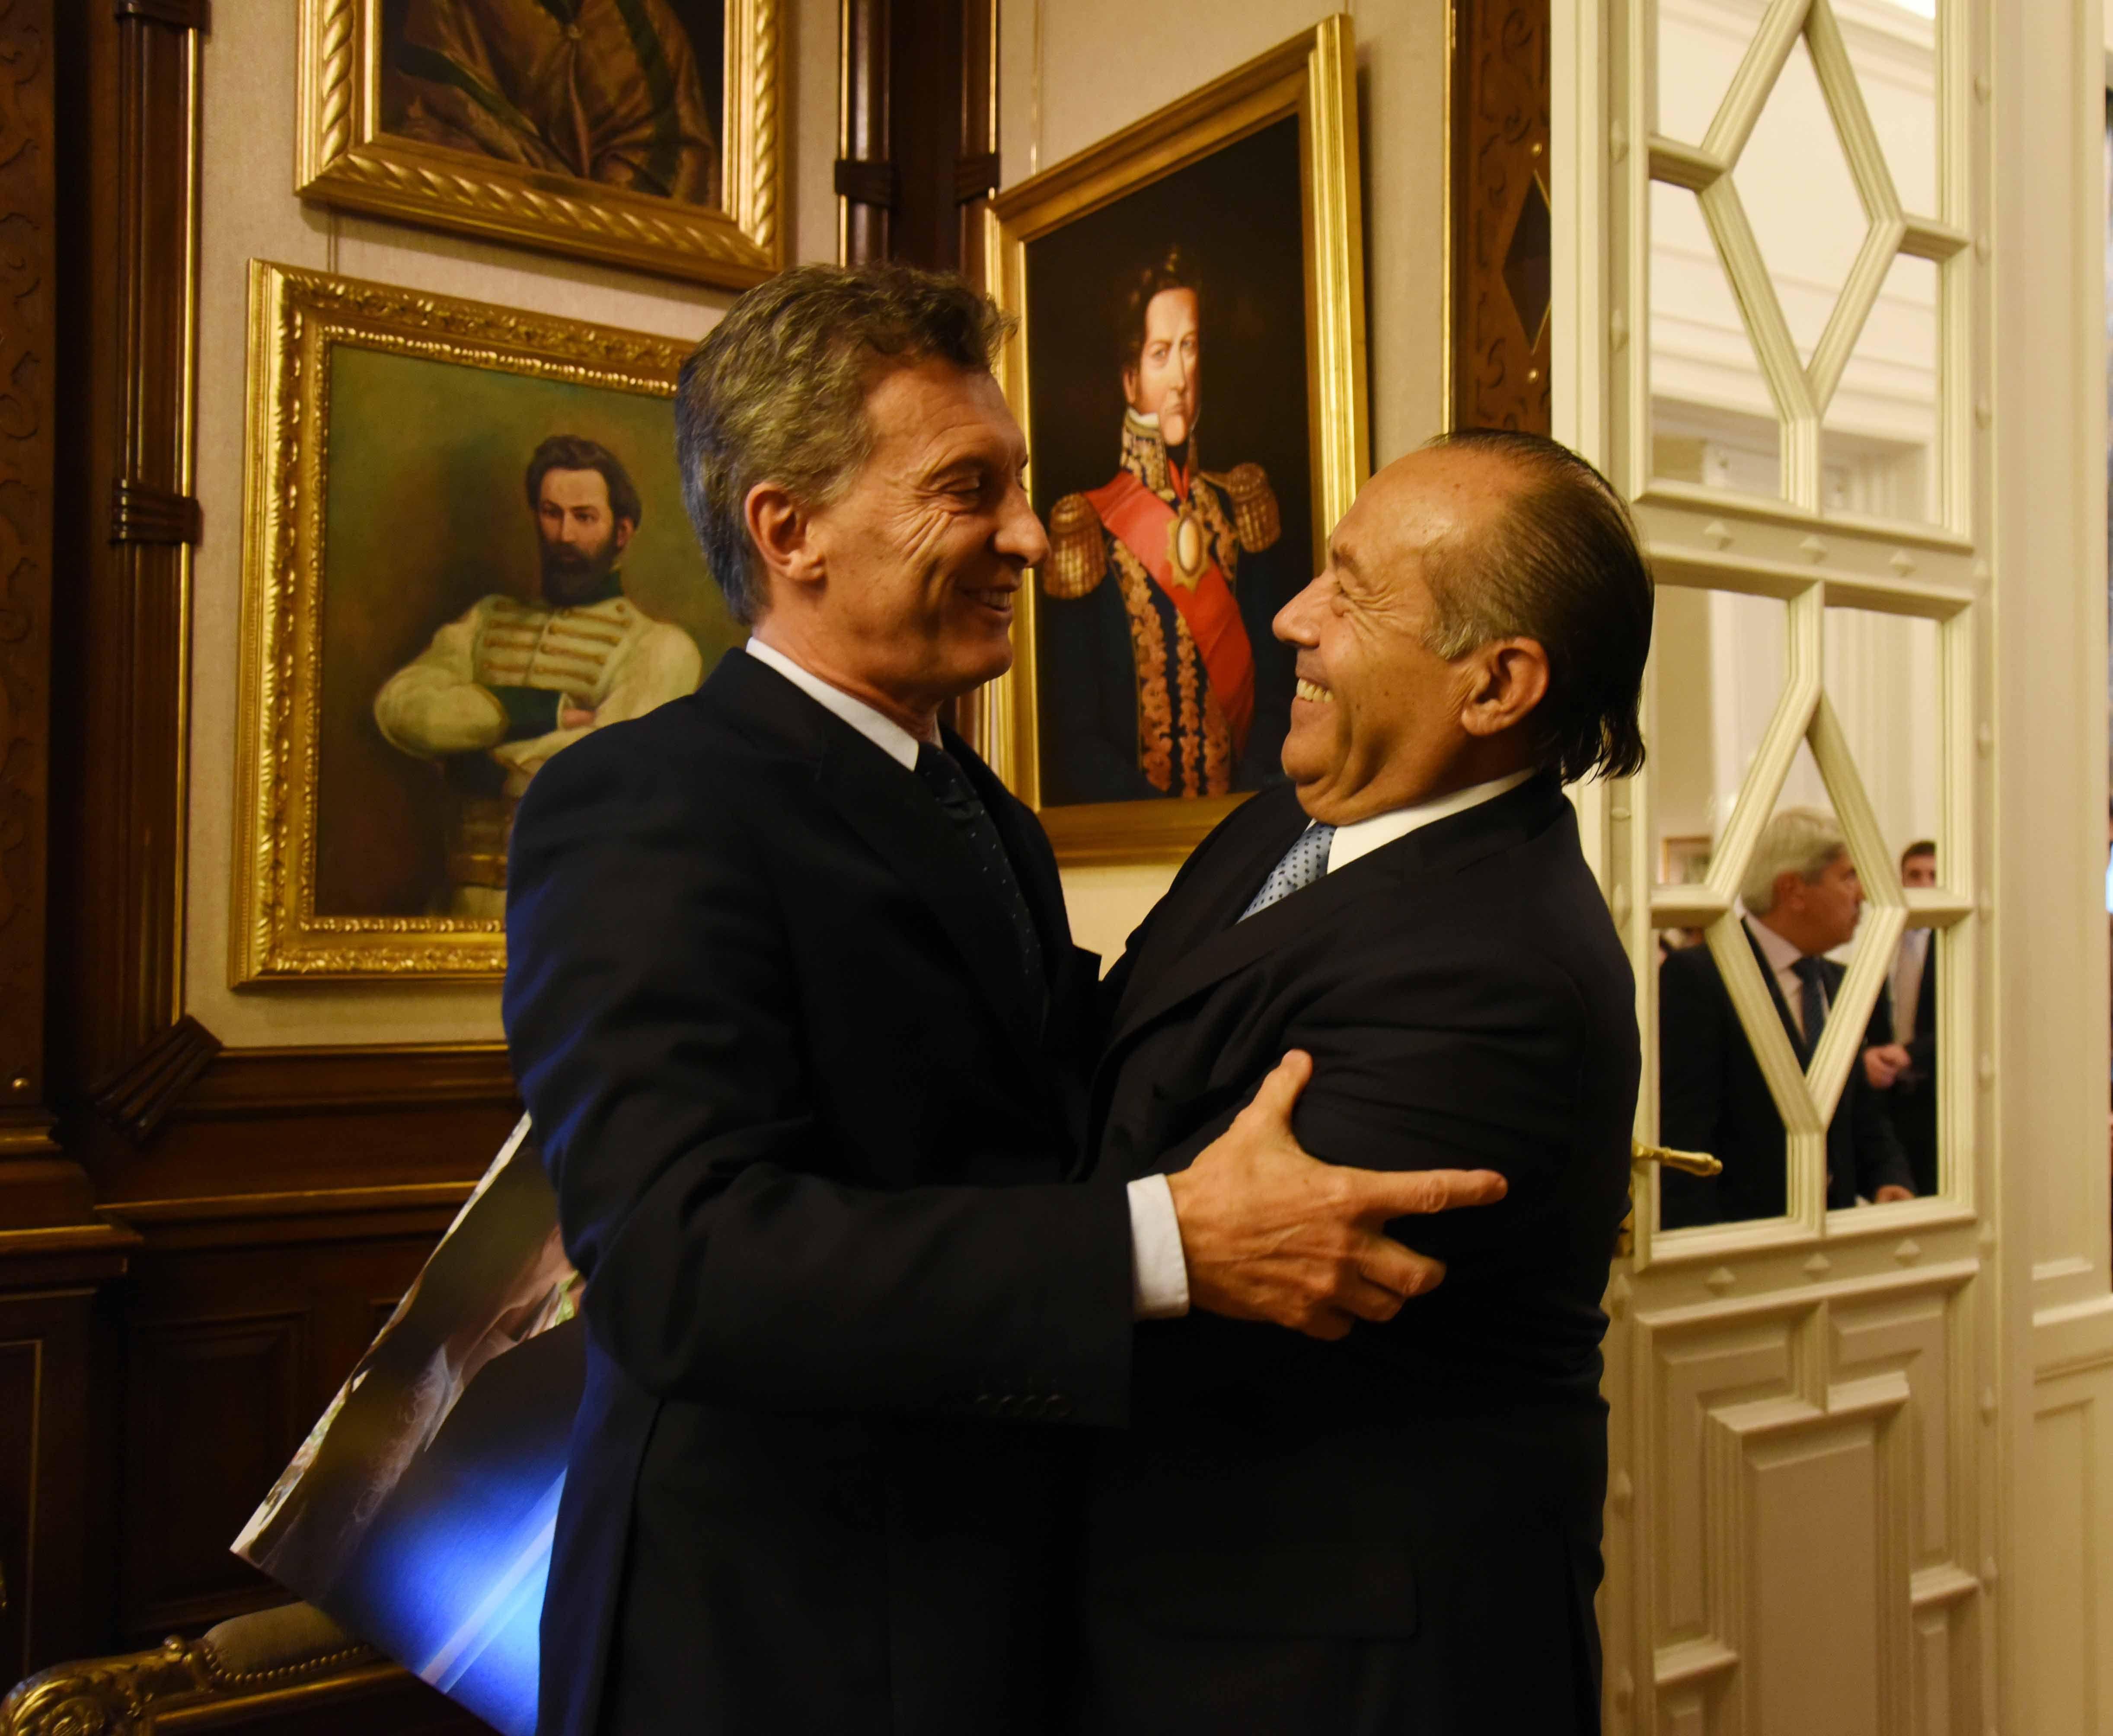 El Adolfo con Macri: Va a contar con todo nuestro apoyo